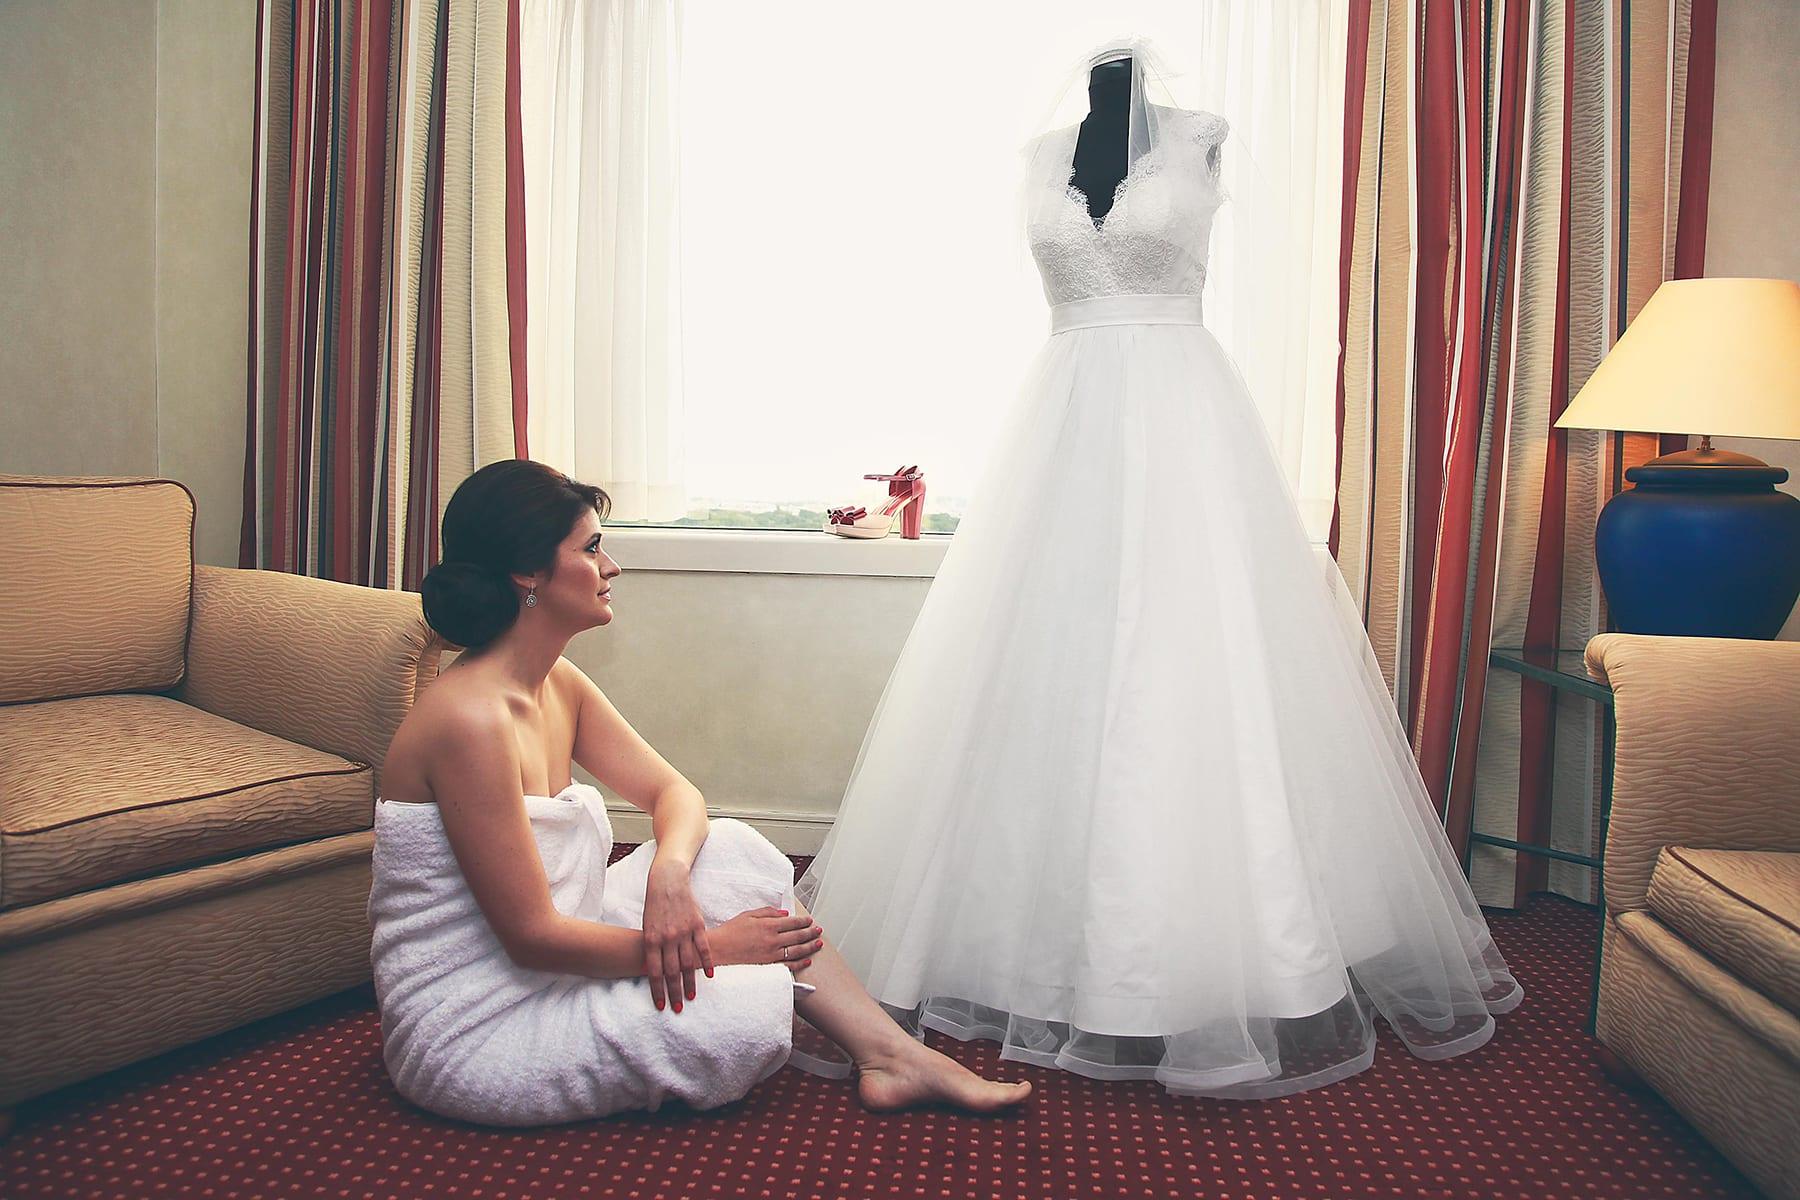 Donna Bellini Fotografie Berlin Mommsenstraße 6 10629 Berlin 03054909366